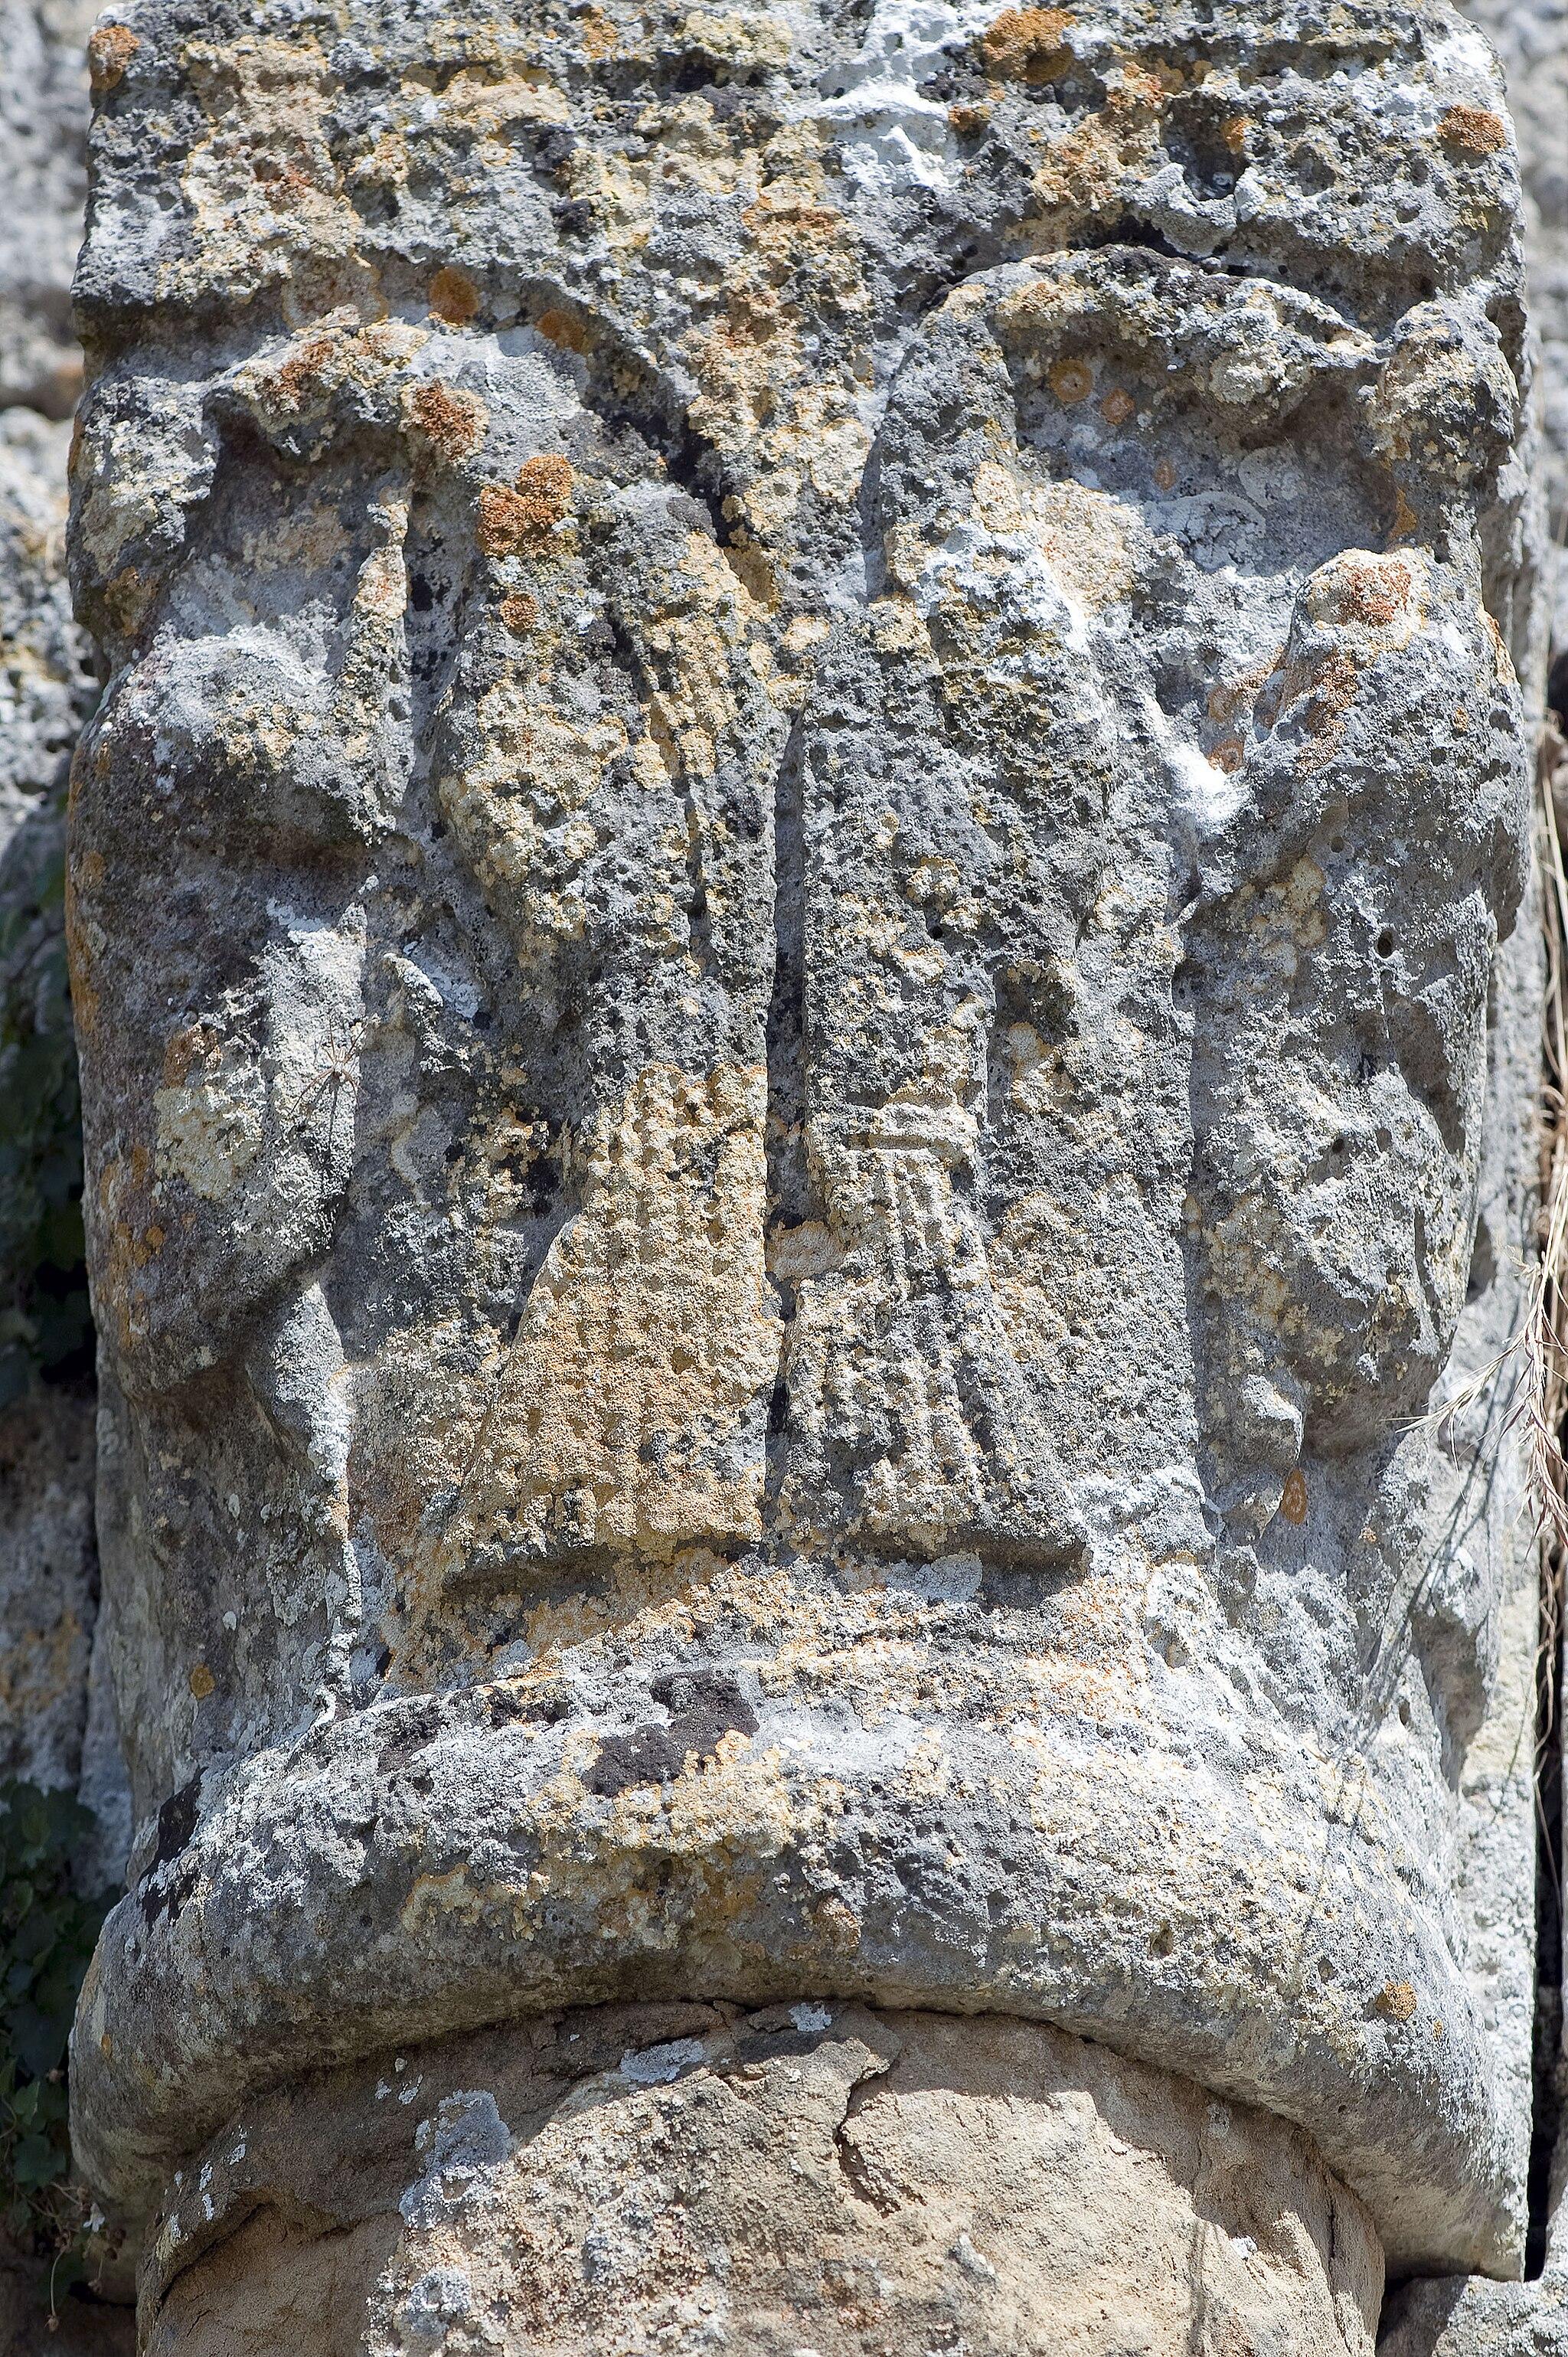 Capitello di una colonna, Abbazia di Santa Maria Assunta a Coneo, Colle Val d'Elsa